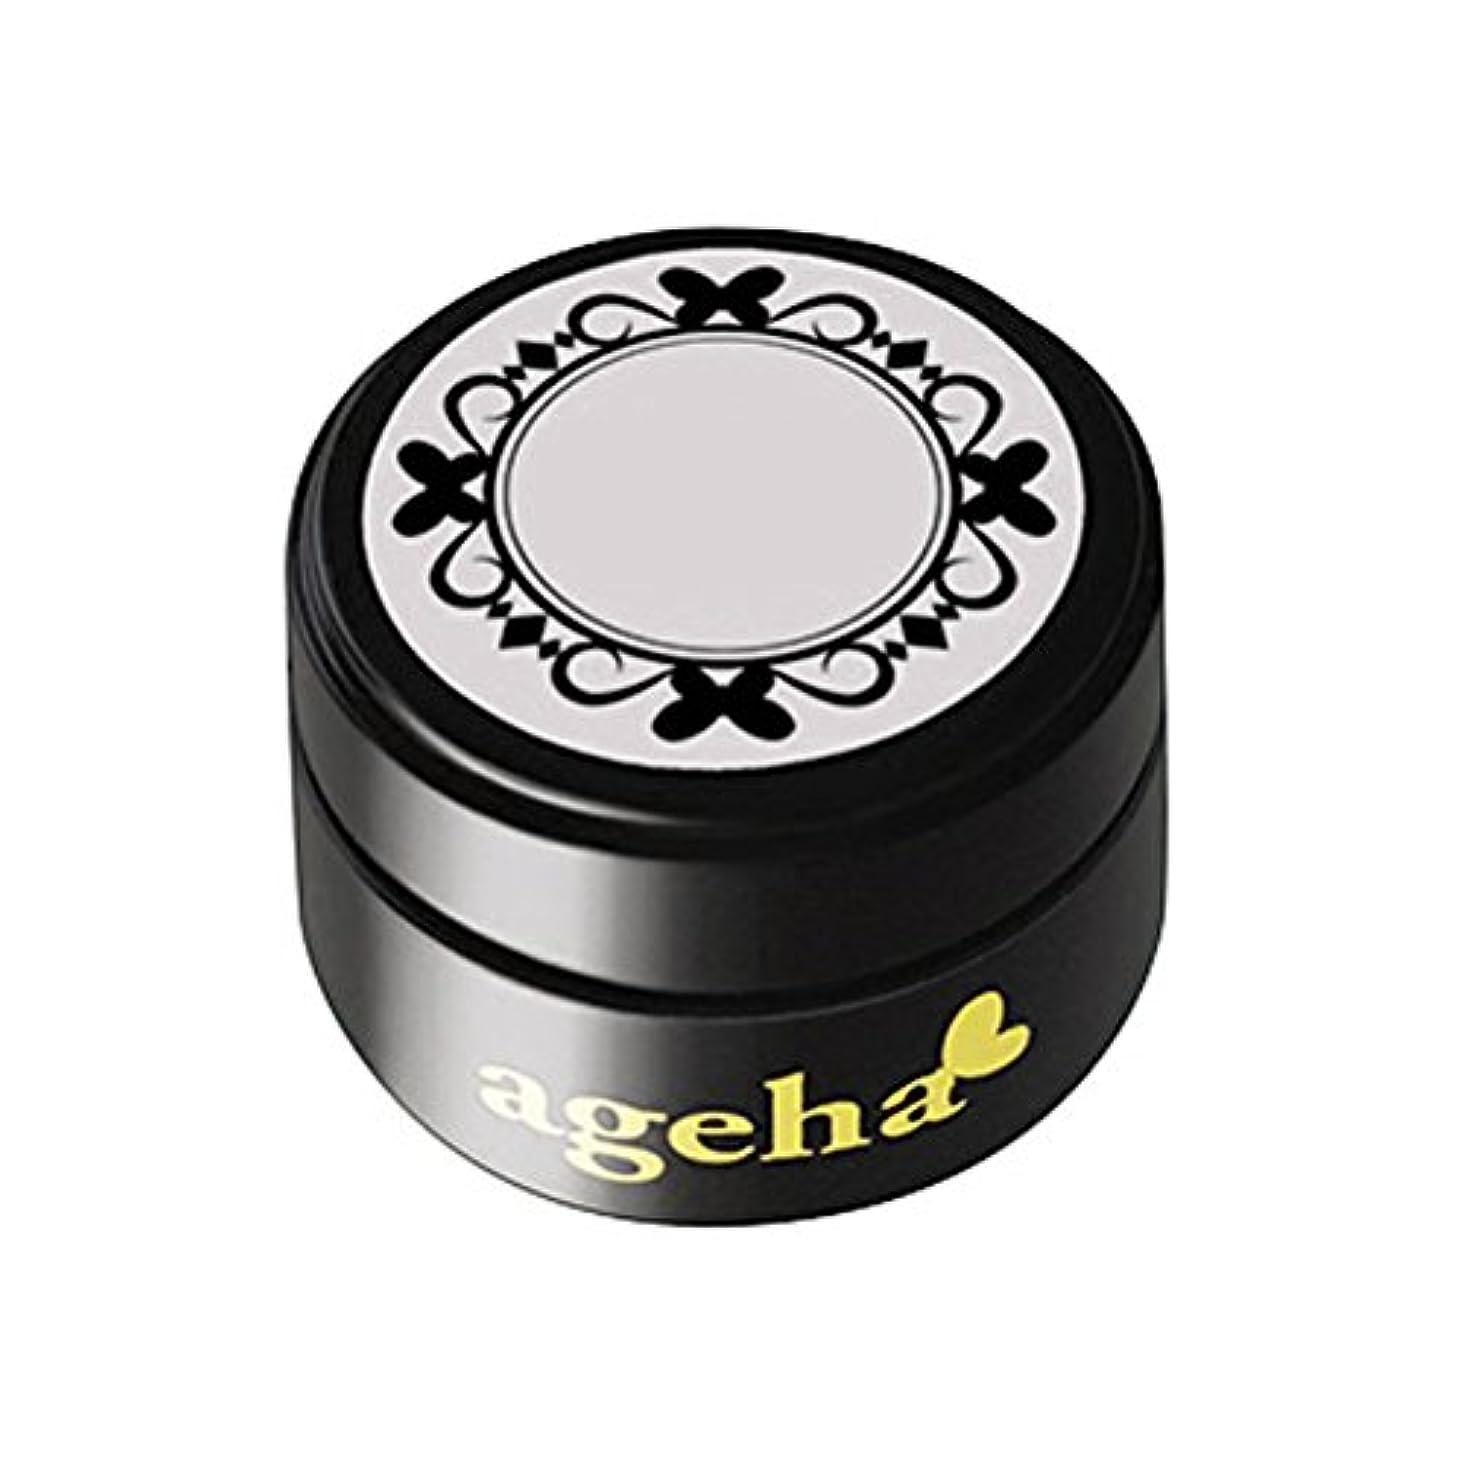 従う指令ライブageha gel カラージェル コスメカラー 205 ダークレッド 2.7g UV/LED対応